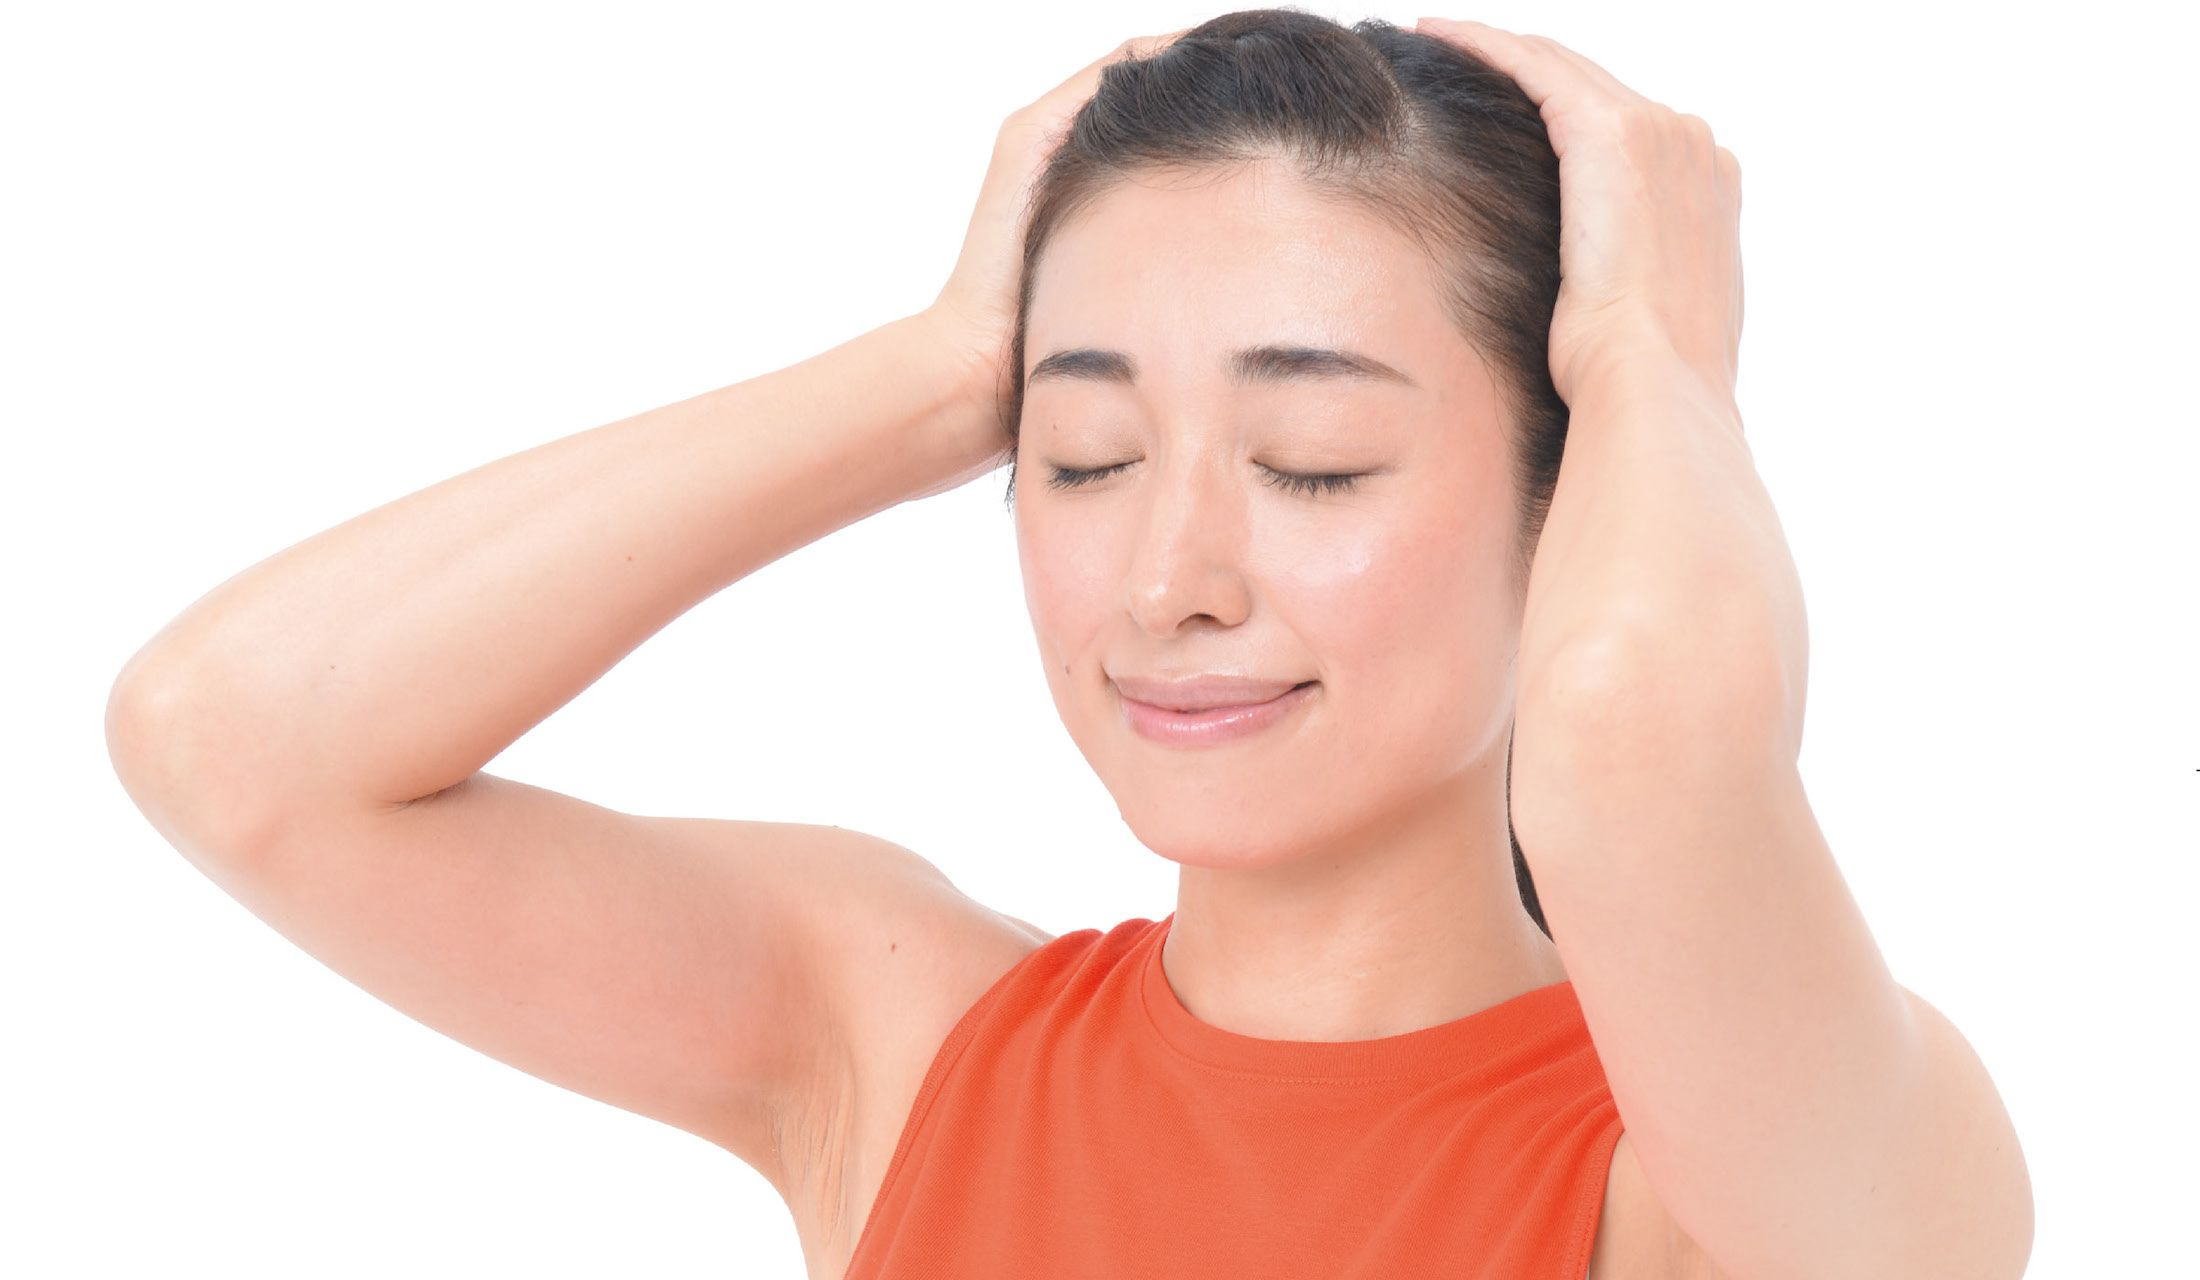 頭蓋骨マッサージをしている女性